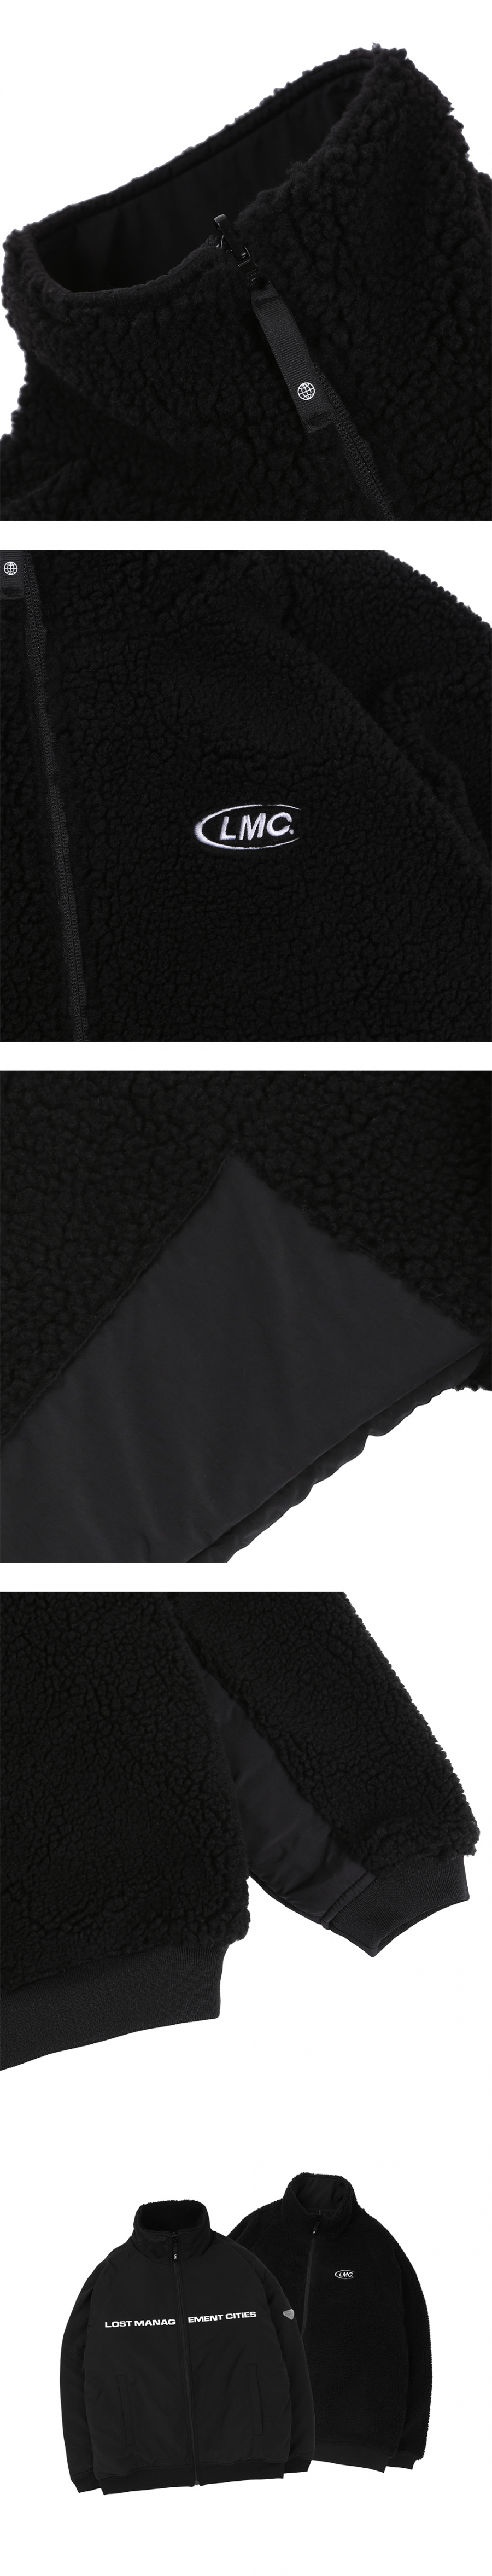 엘엠씨(LMC) LMC BOA FLEECE REVERSIBLE FULL ZIP JACKET black